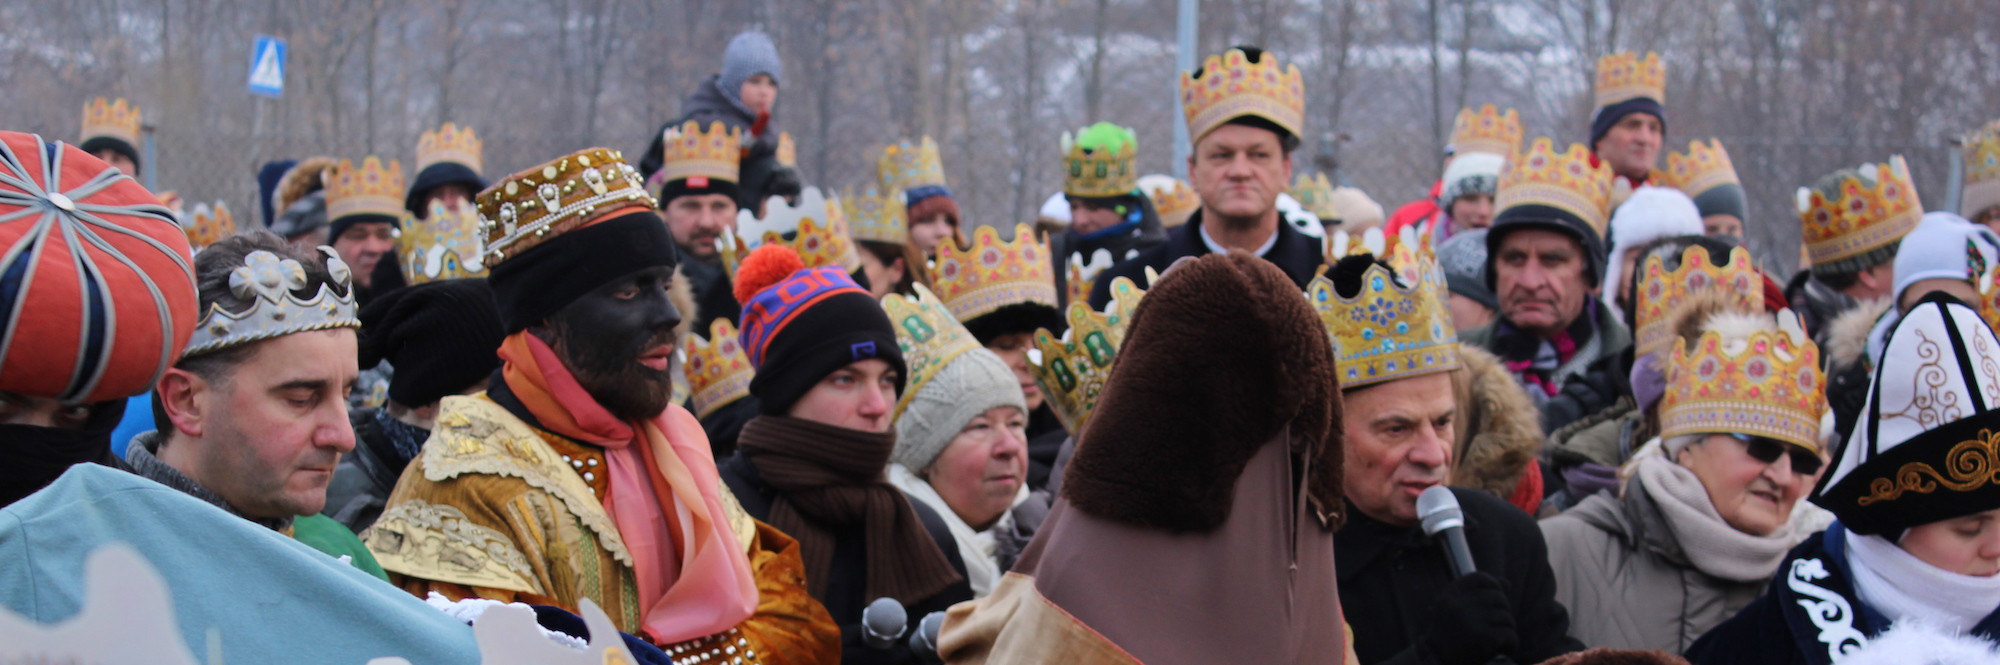 Orszak Trzech Króli w Luboniu